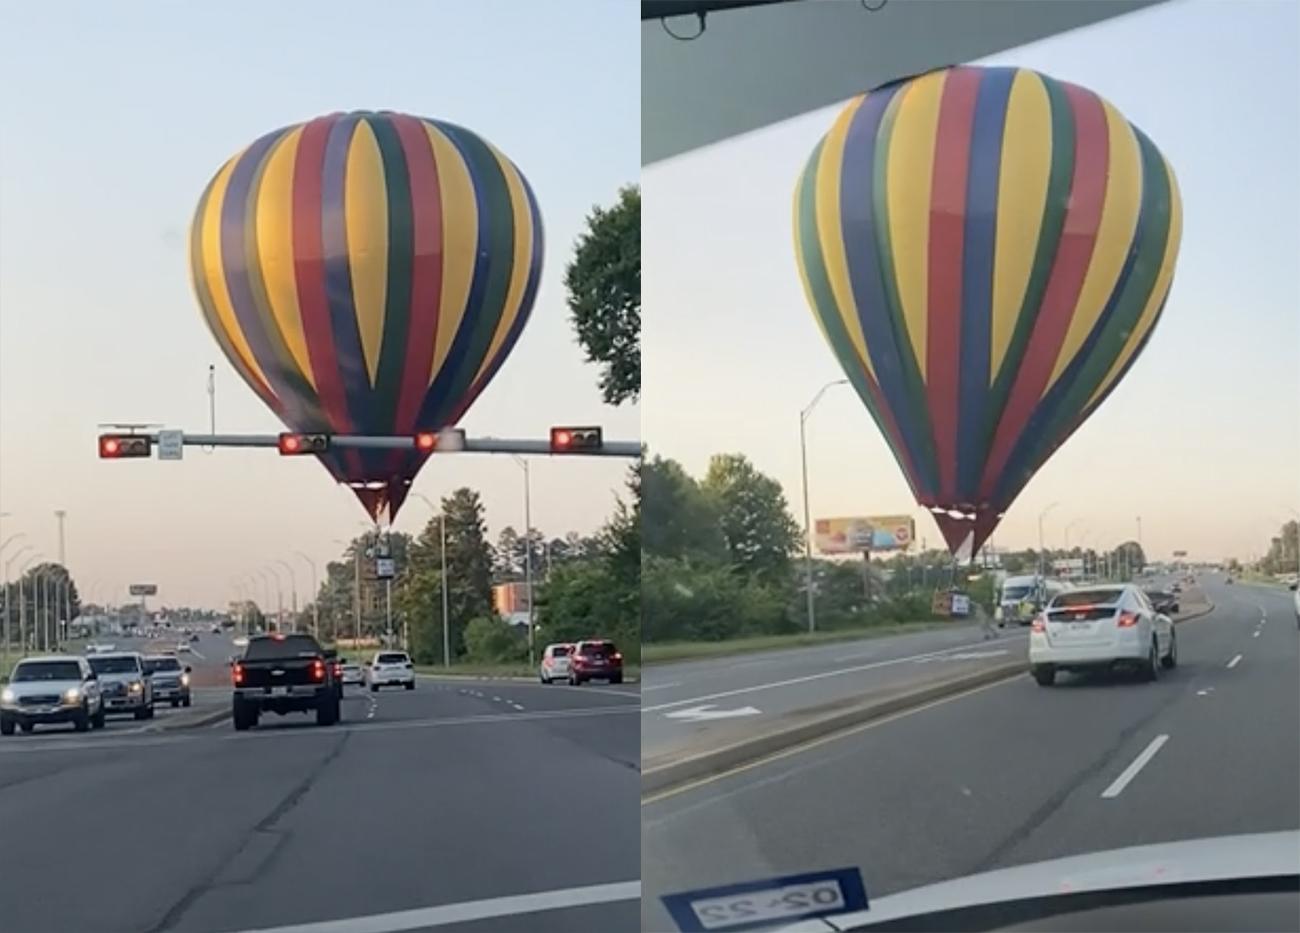 Αερόστατο προσγειώνεται στη μέση του δρόμου